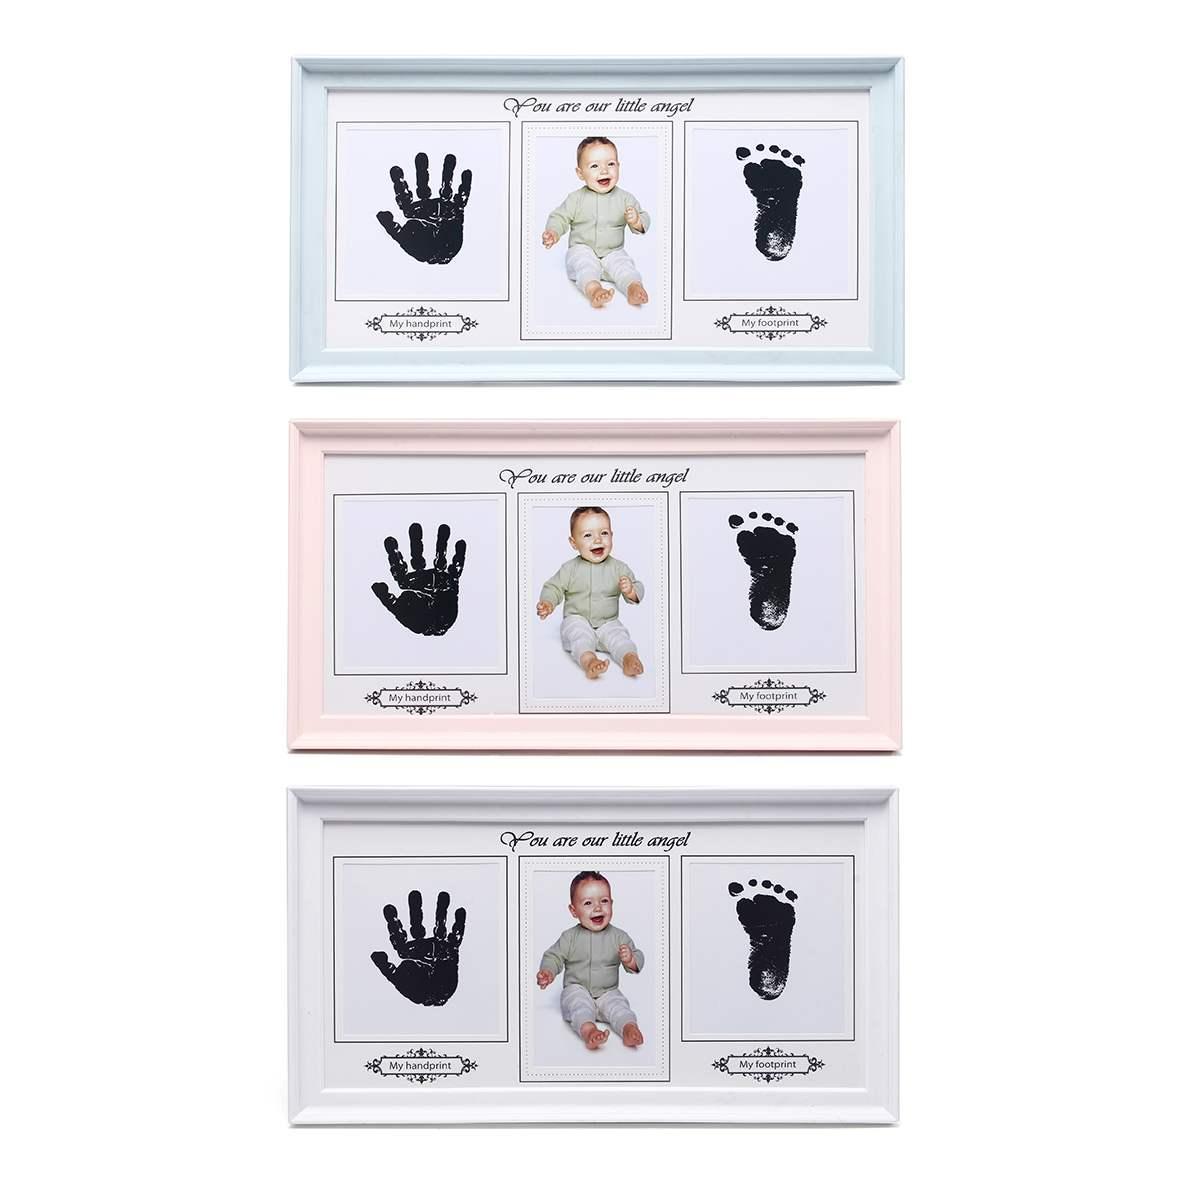 Baby-Foto-Rahmen Inkpad Cast-Set Ink-Pad-Spielzeug Impressum-Kit Lagerung Inkless Memento Foto-Rahmen-Andenken-Geschenk